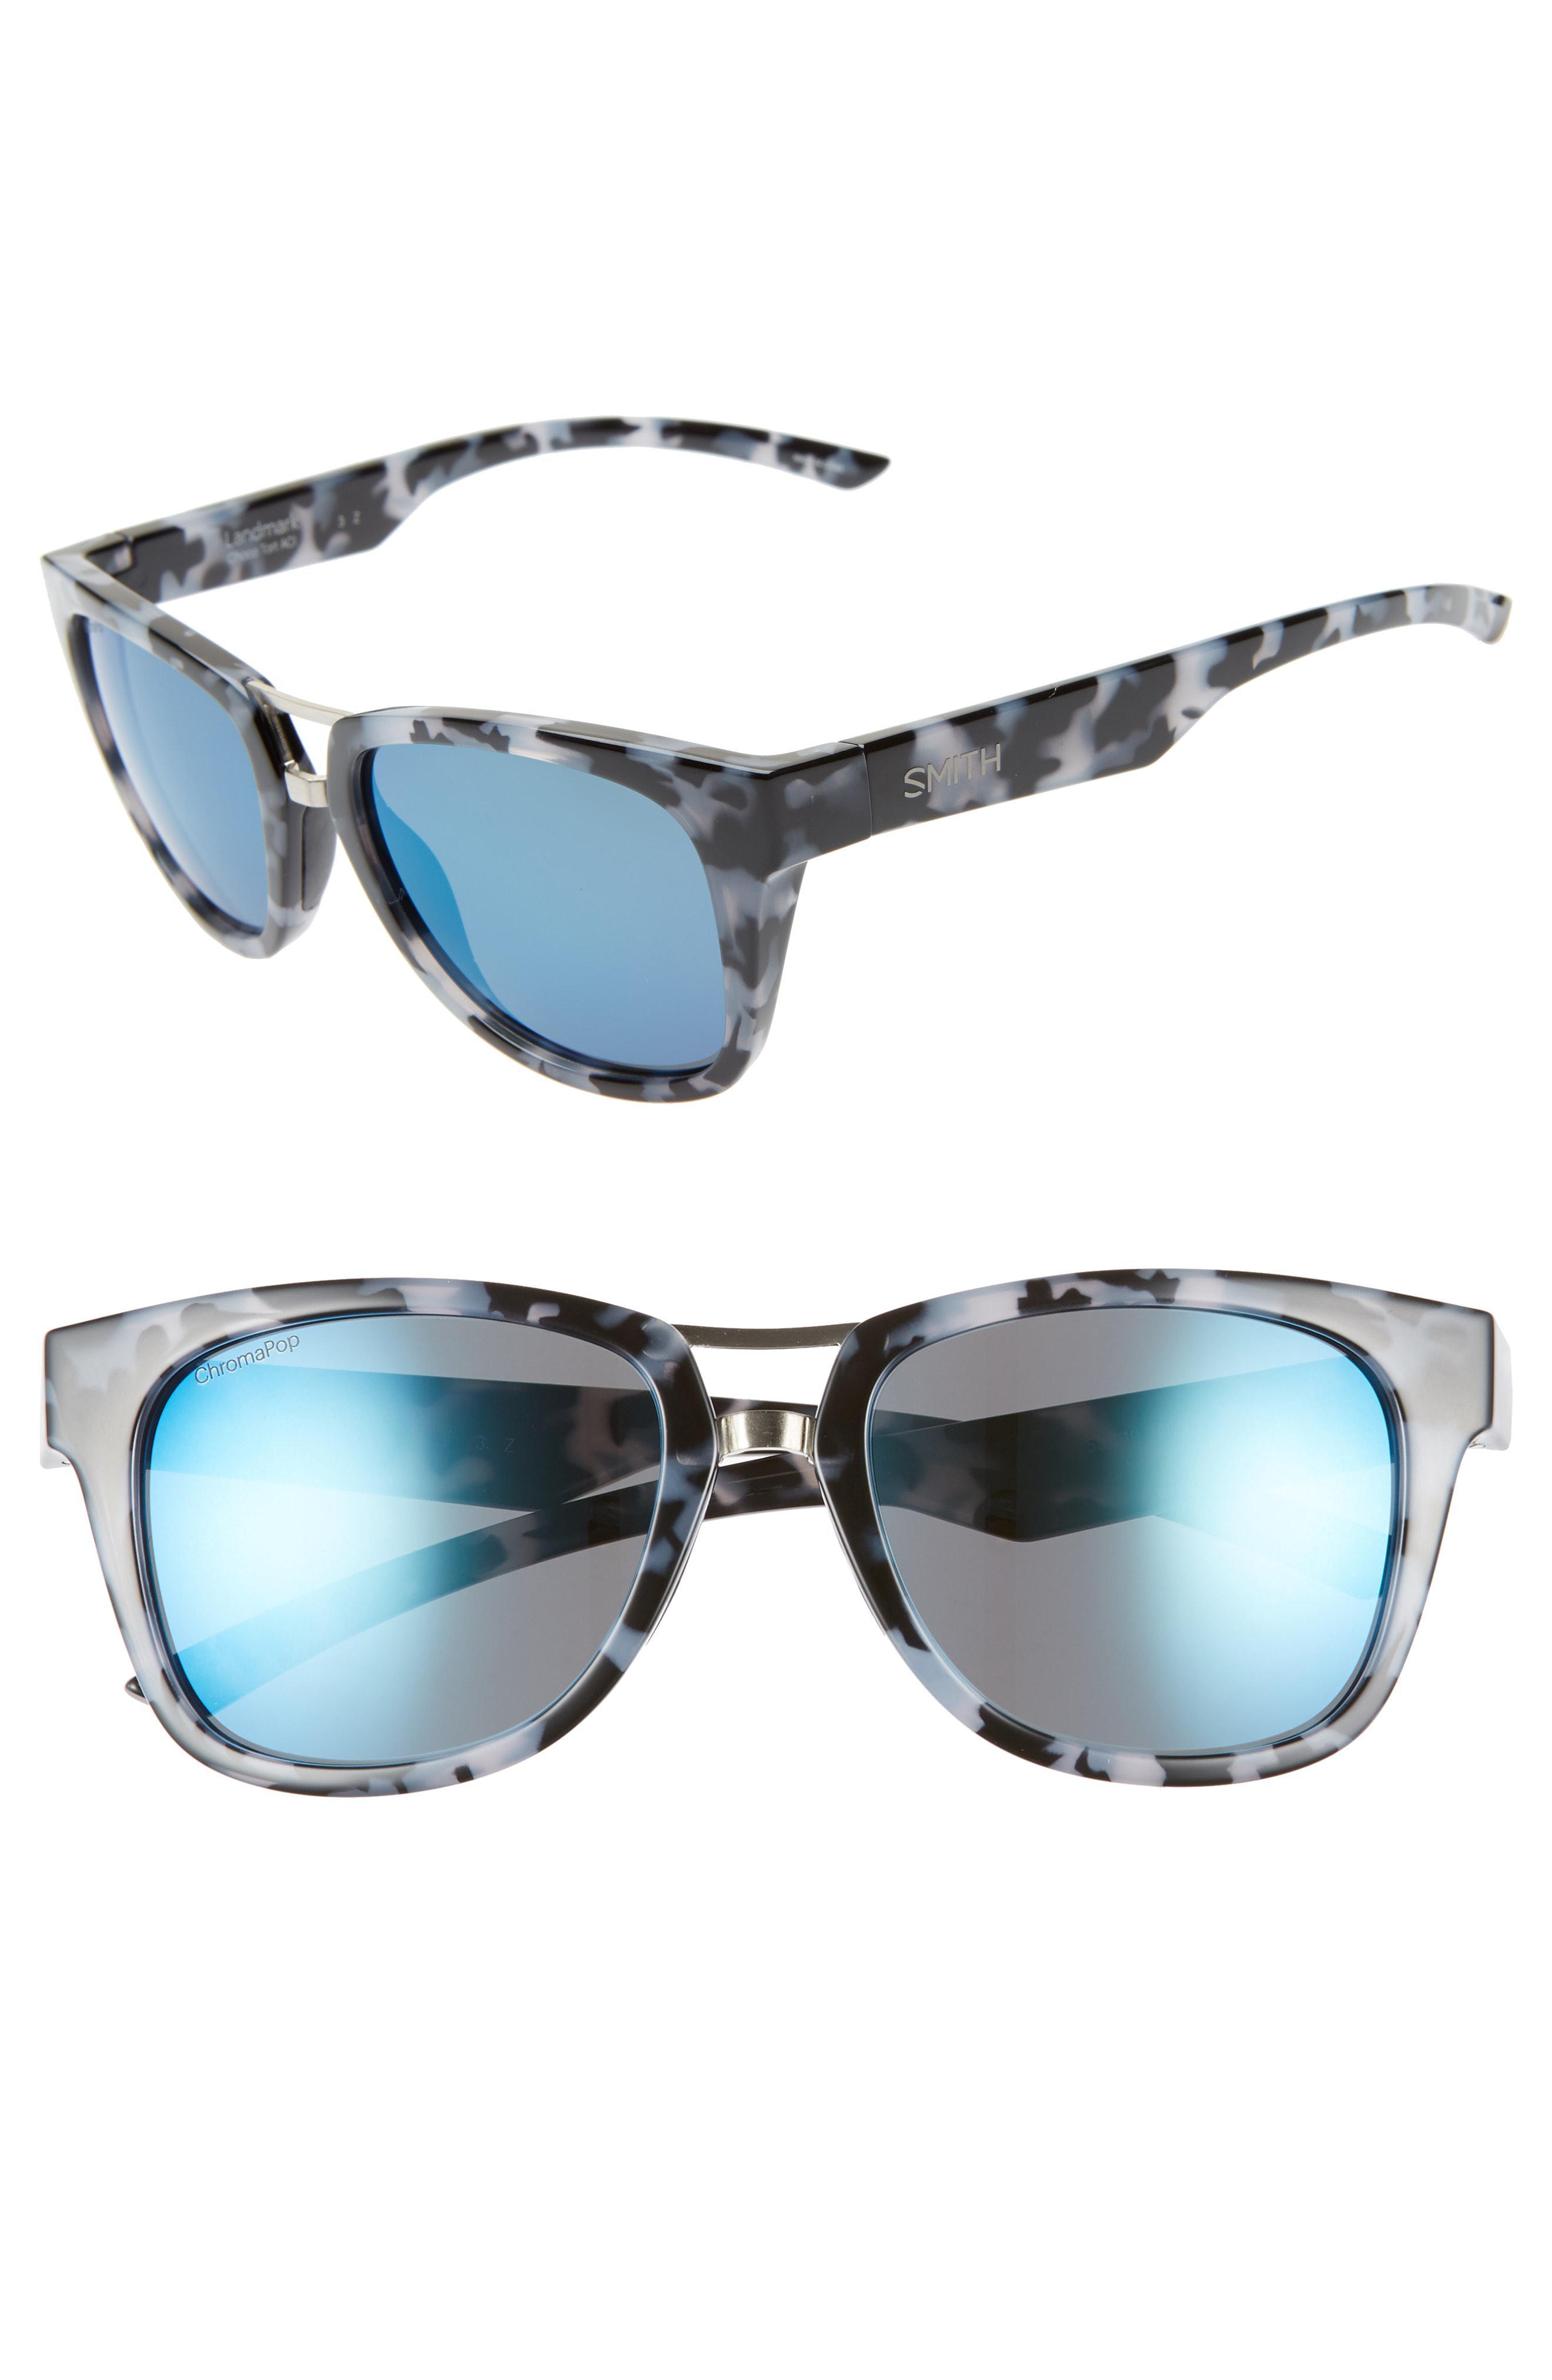 51a9d3d3c5e94 Smith Landmark 53mm Chromapop(tm) Polarized Sunglasses - Chocolate ...